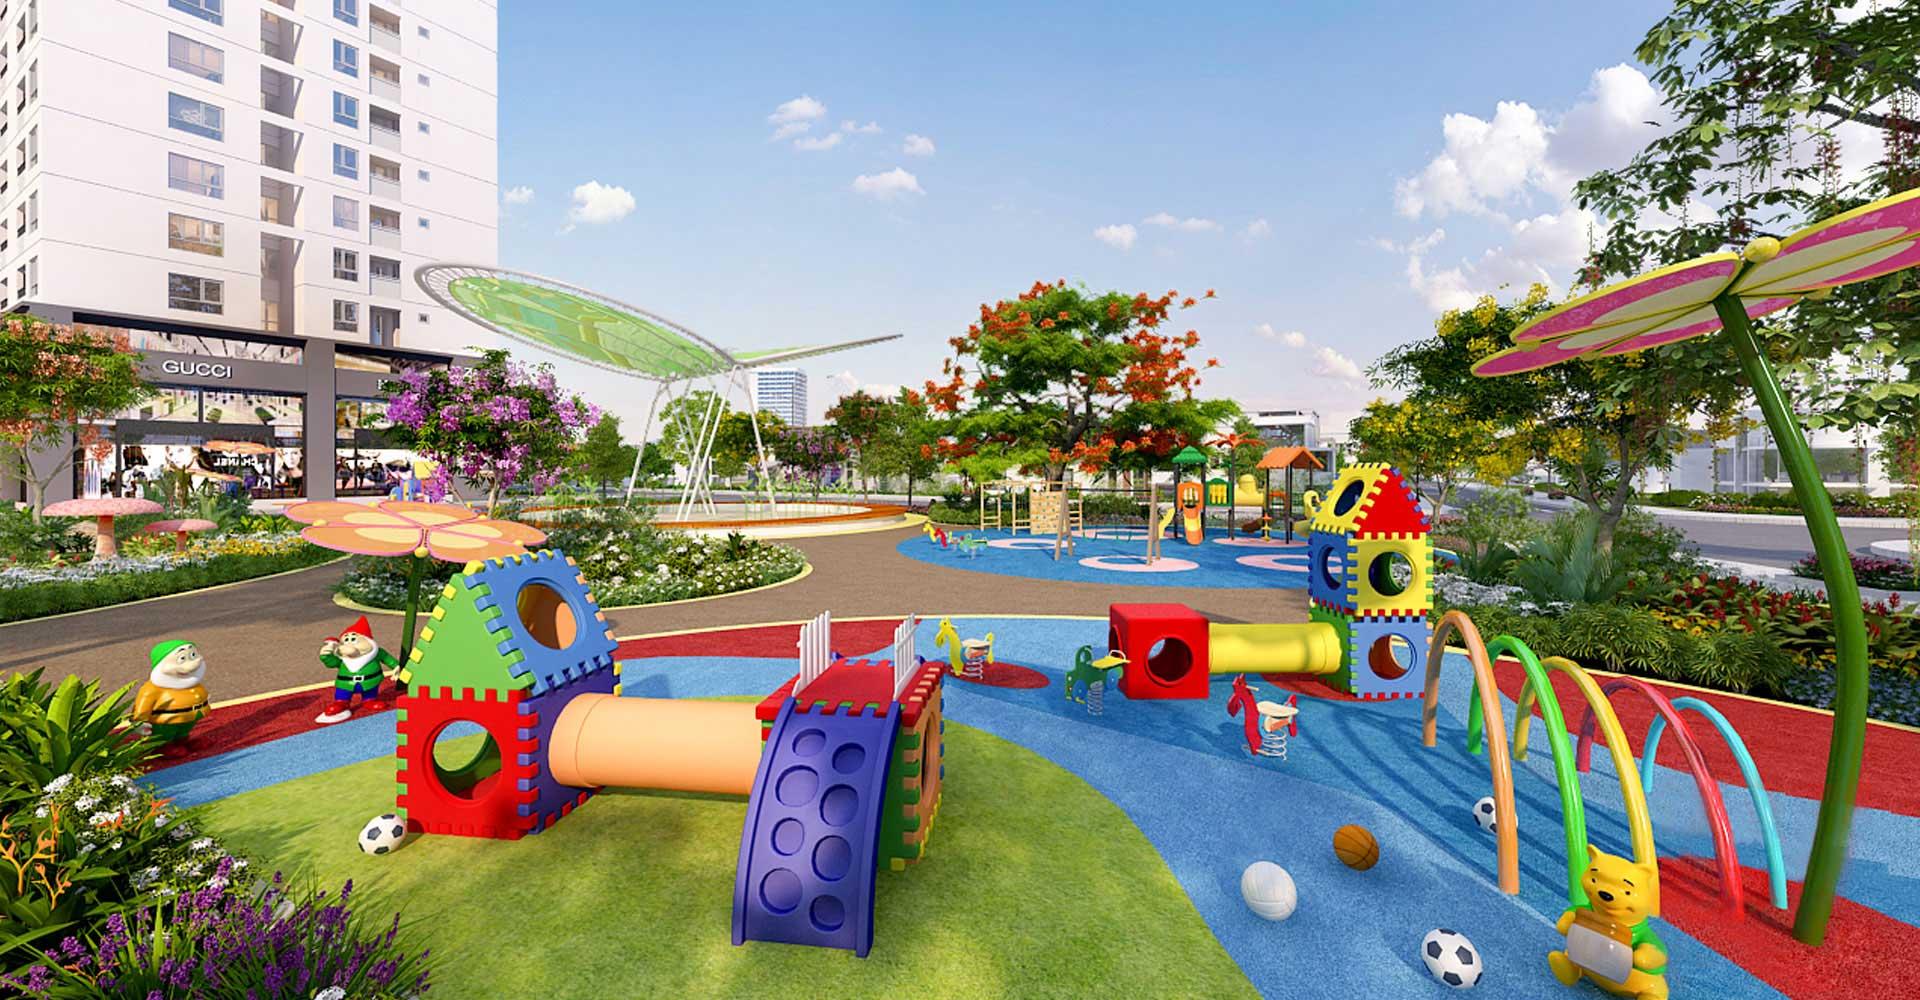 Sân chơi trẻ em tại Dự án căn hộ Hưng Thịnh Sunshine Đông Hòa, Dĩ An, Bình Dương